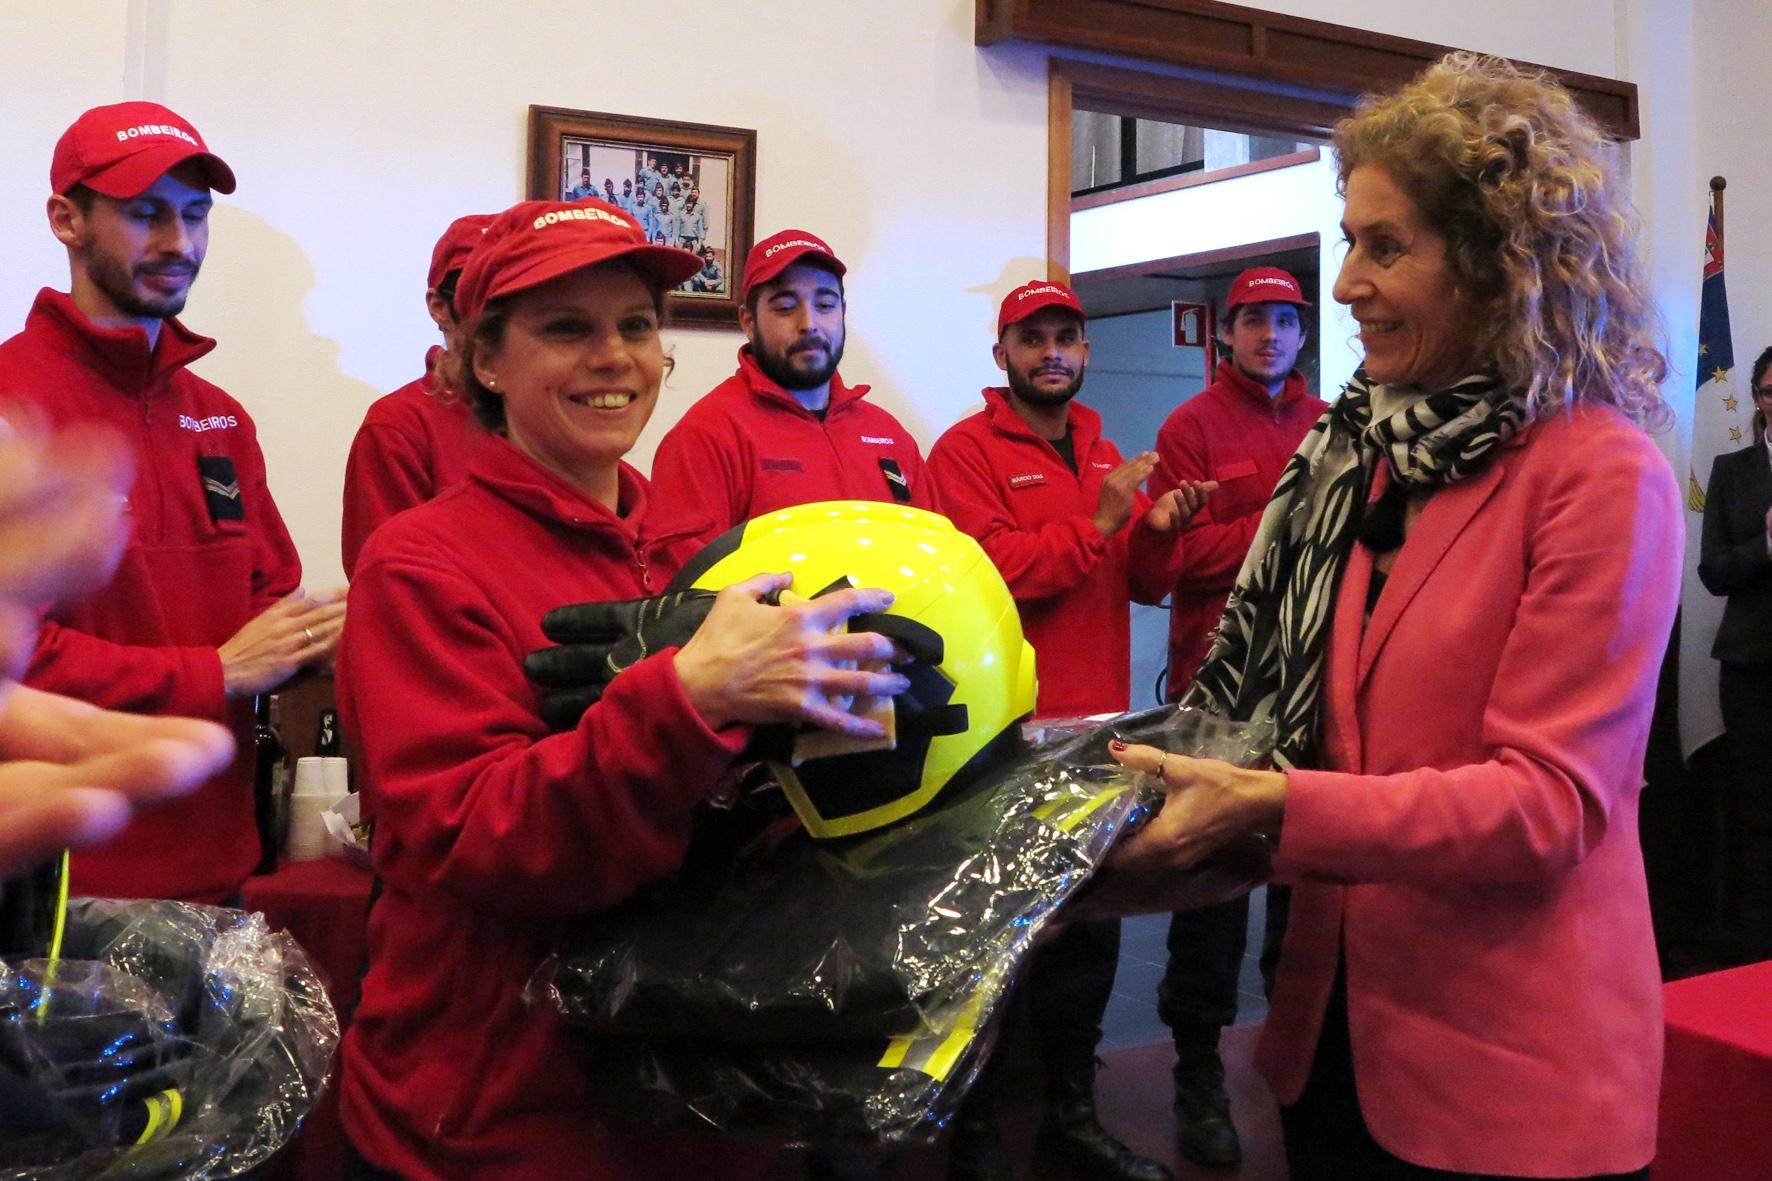 Novos equipamentos para os Bombeiros das Velas reforçam segurança no socorro, afirma Teresa Machado Luciano